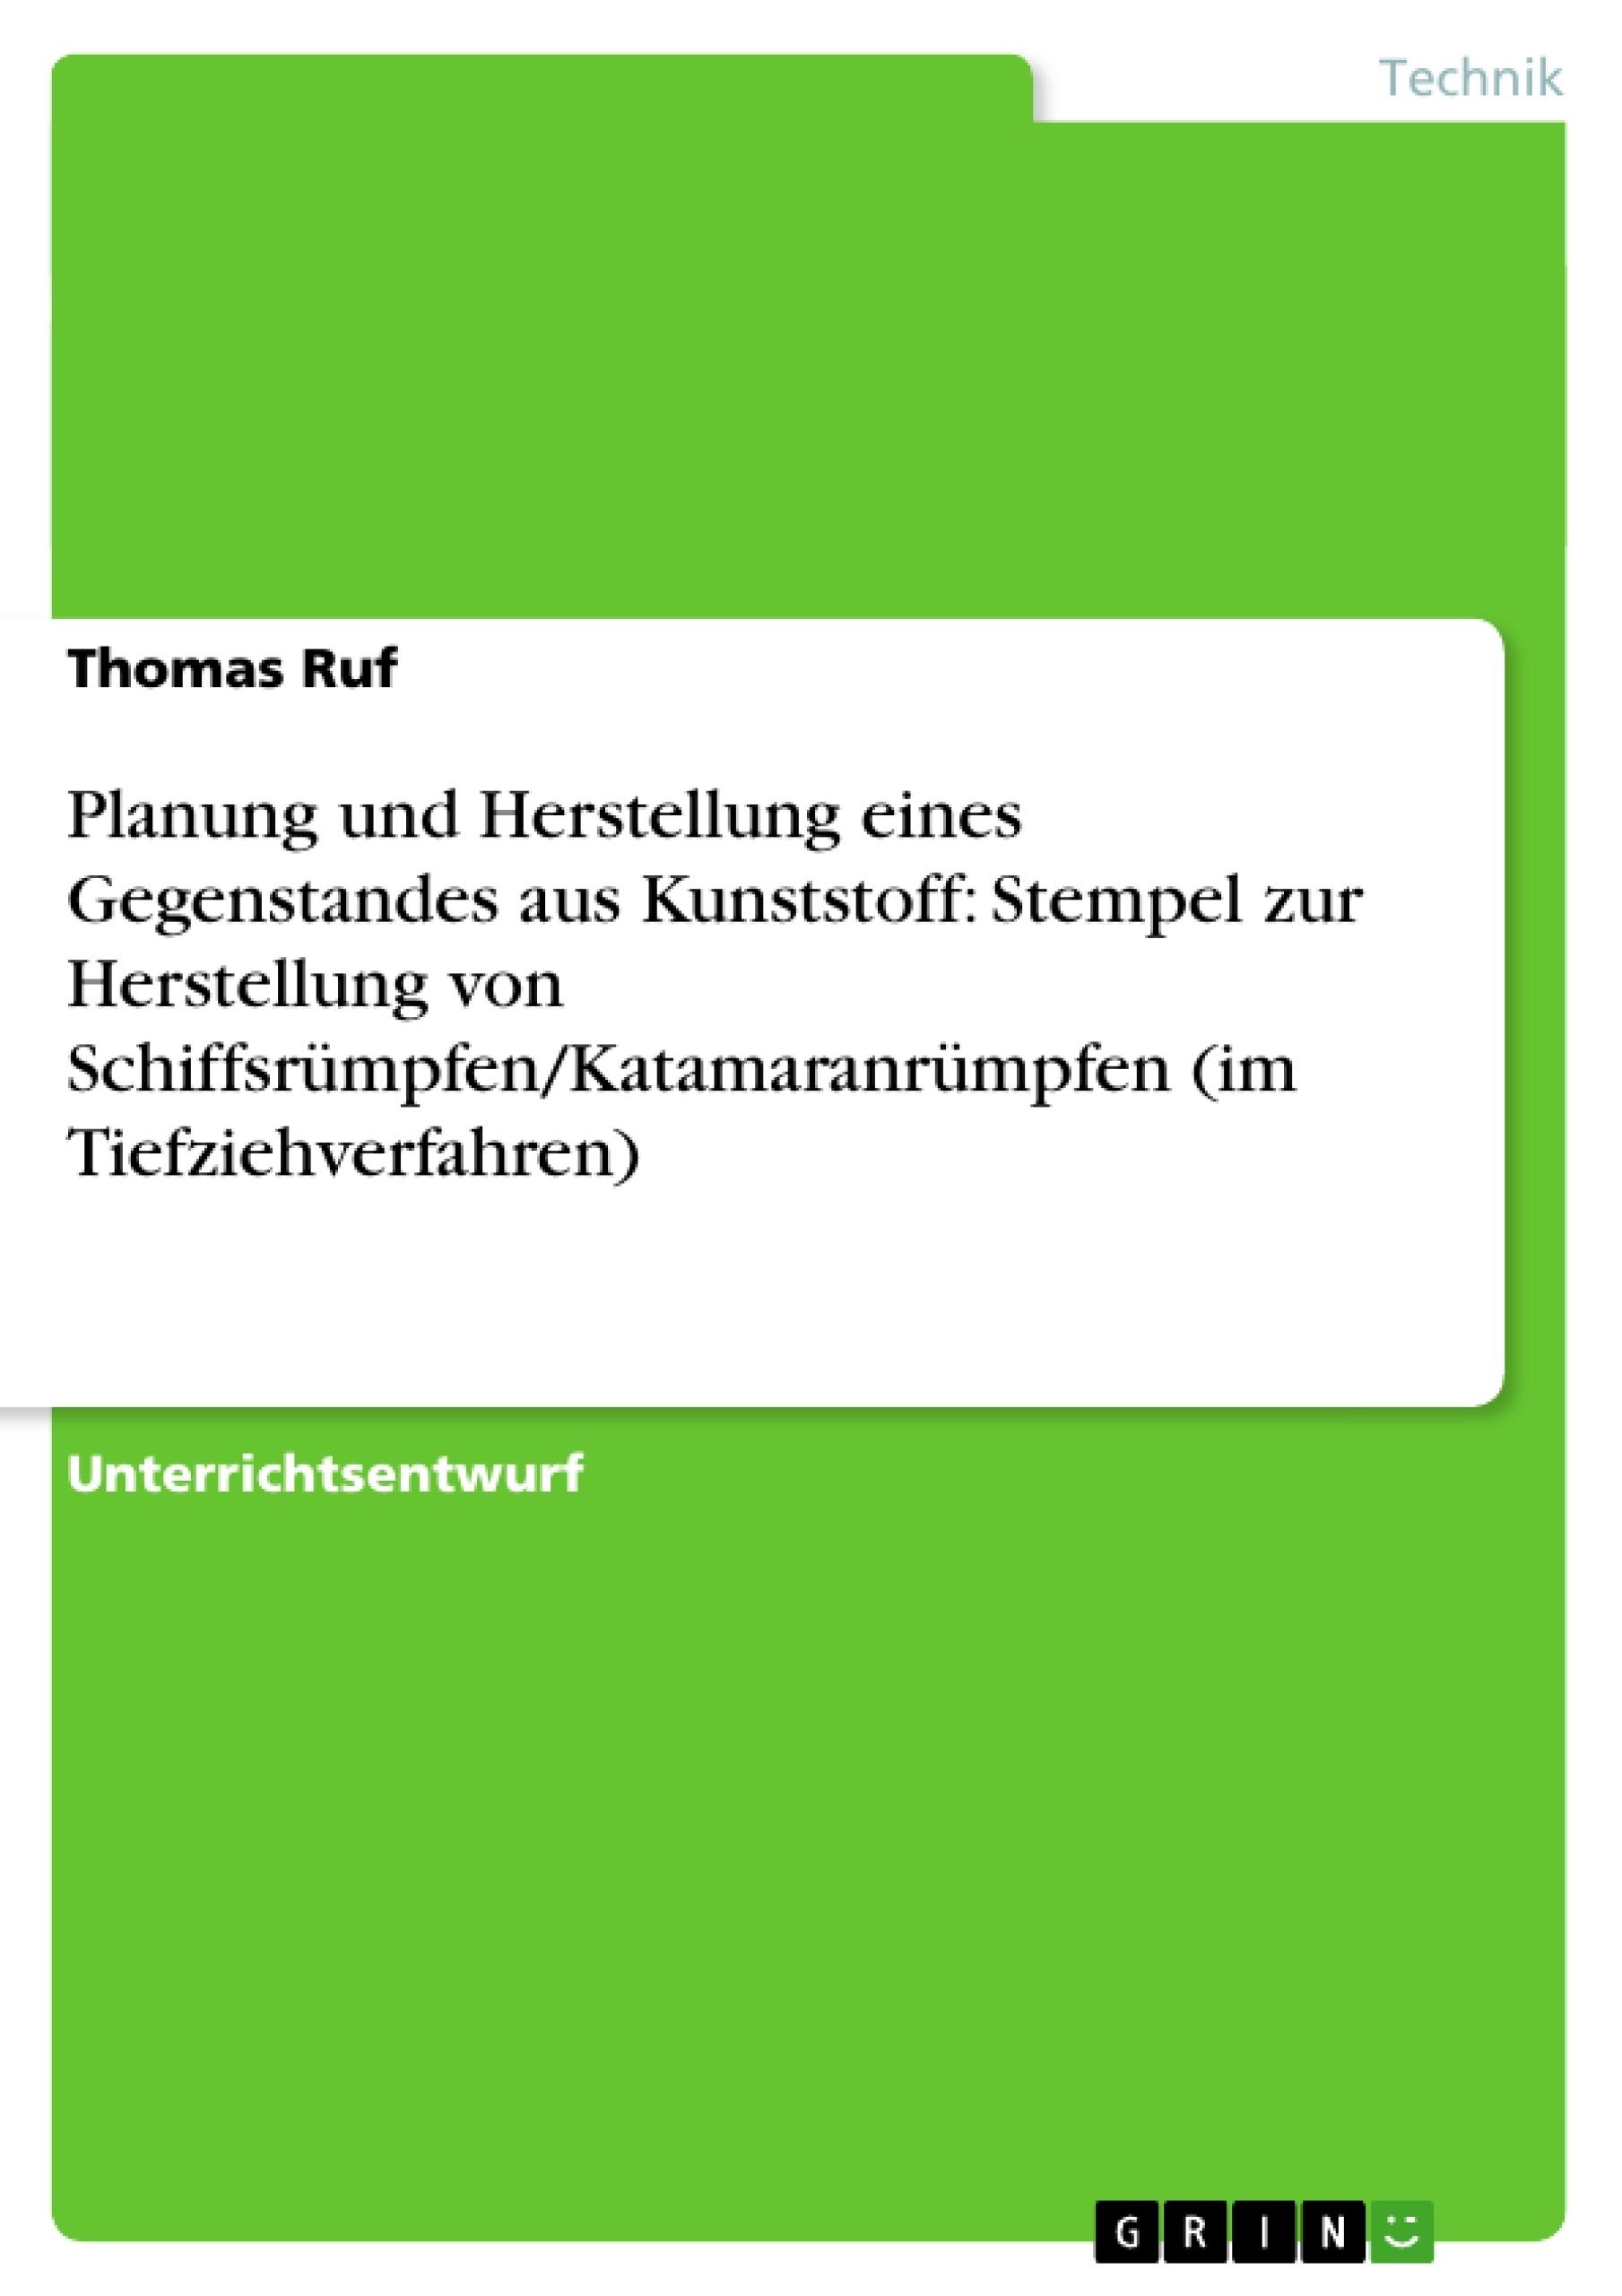 Titel: Planung und Herstellung eines Gegenstandes aus Kunststoff: Stempel zur Herstellung von Schiffsrümpfen/Katamaranrümpfen (im Tiefziehverfahren)